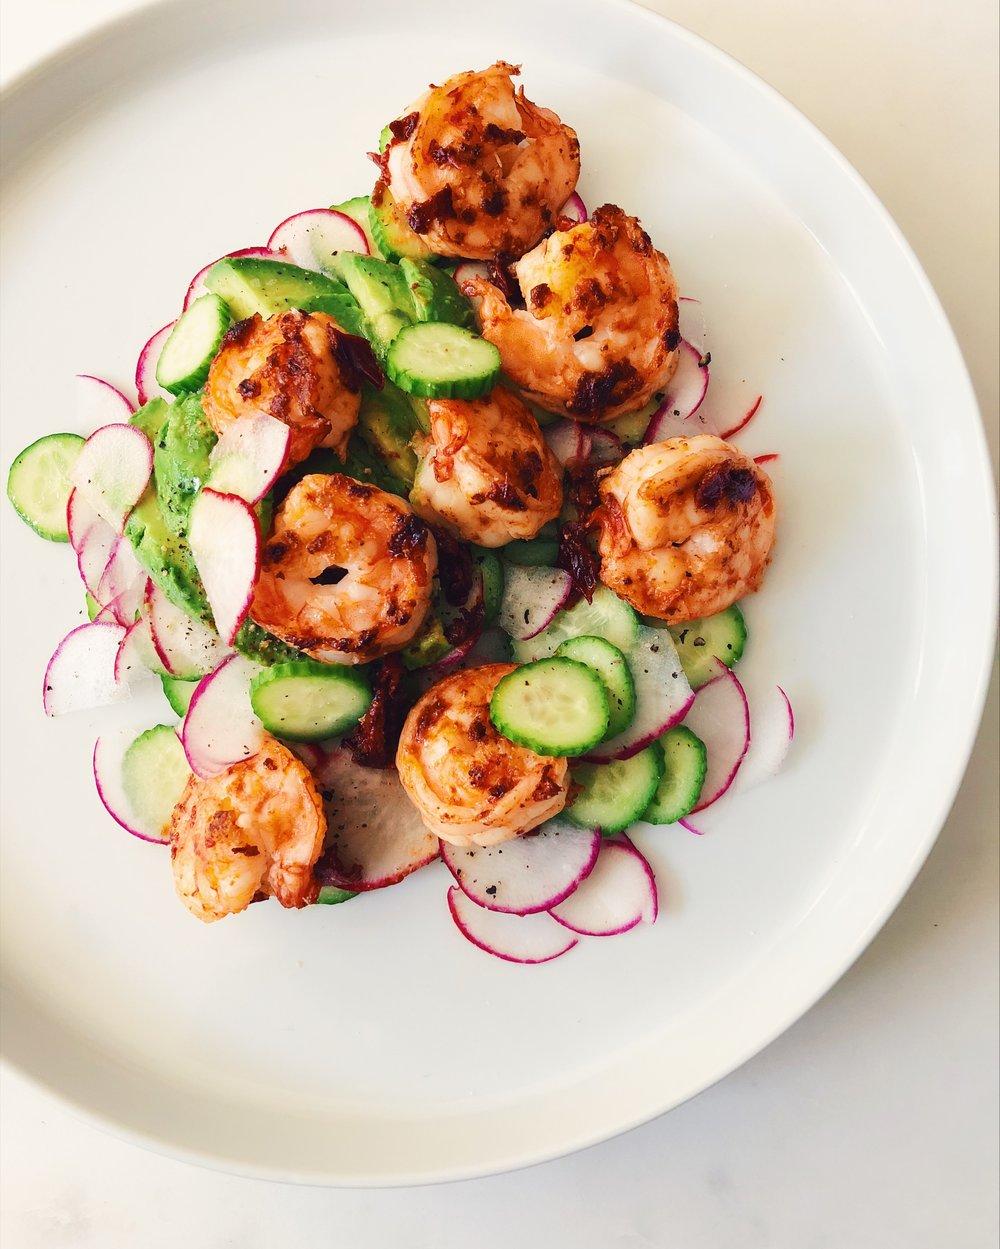 chipotle-shrimp-avocado-salad.jpg